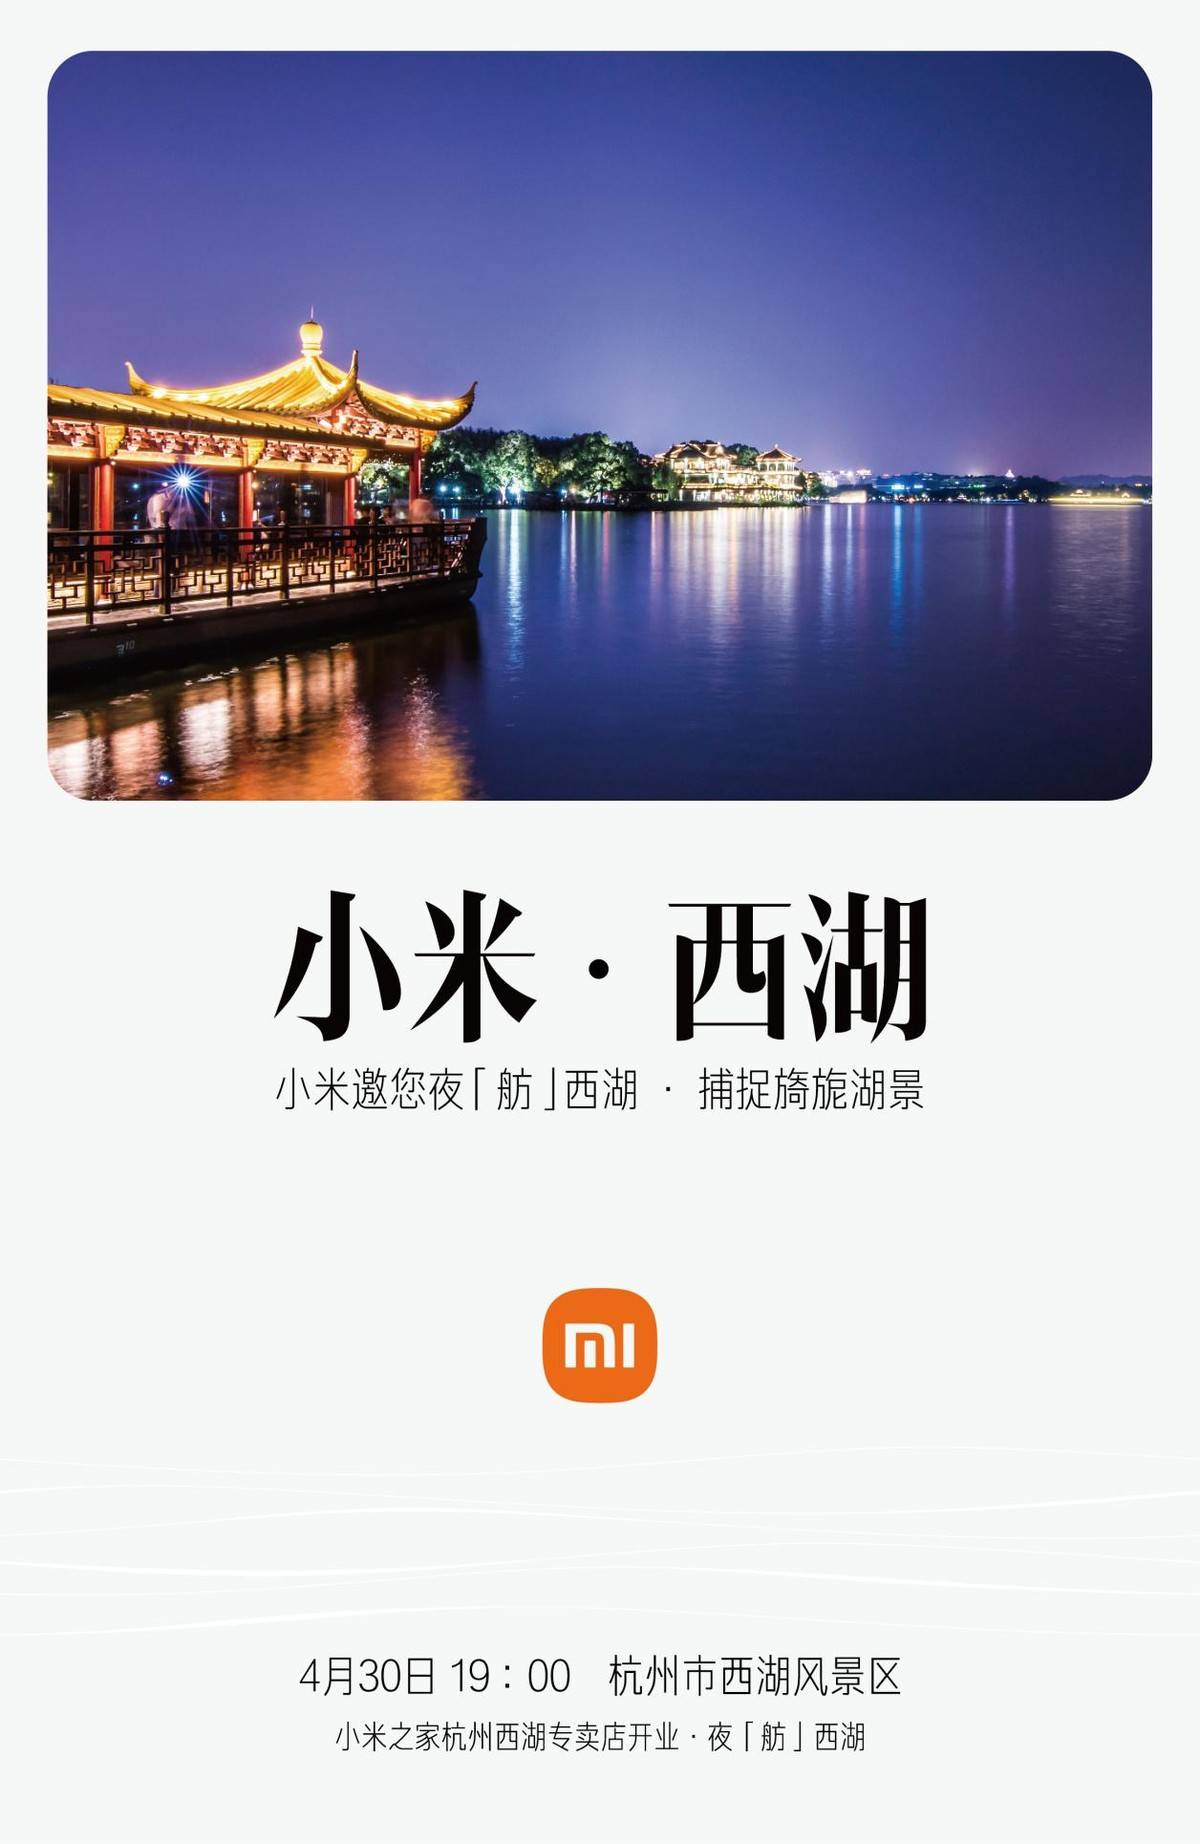 杭州小米之家落户西湖畔 探索景区新零售